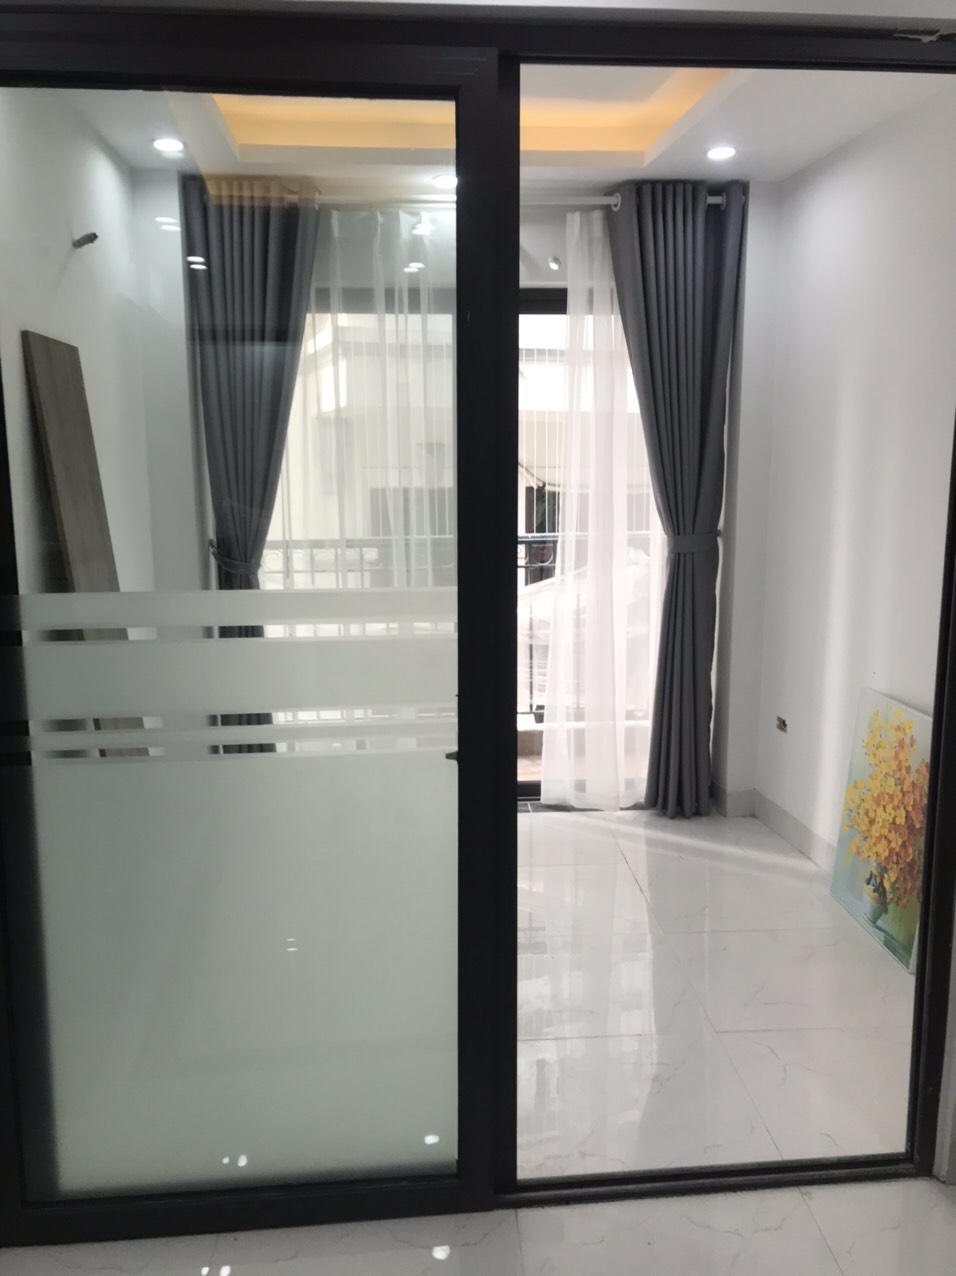 CĐT mở bán chung cư Chùa Bộc - Khương Thượng, veiw hồ, full nội thất, ở ngay